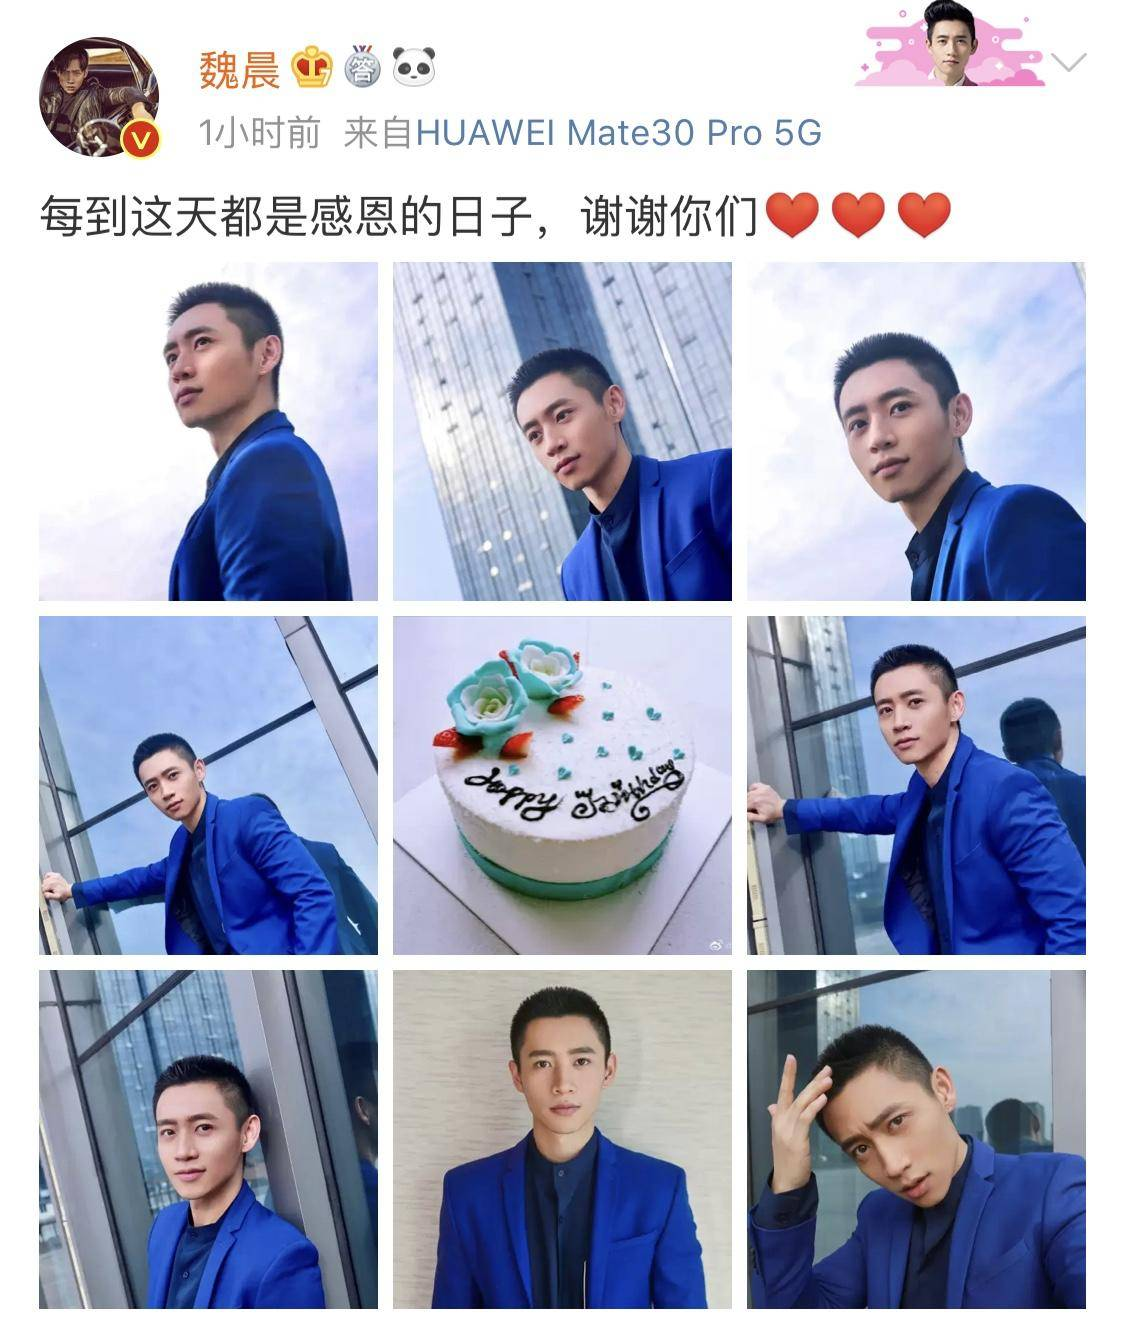 魏晨34岁生日当天晒照感谢粉丝,只字不提女友,遭粉丝催婚催生